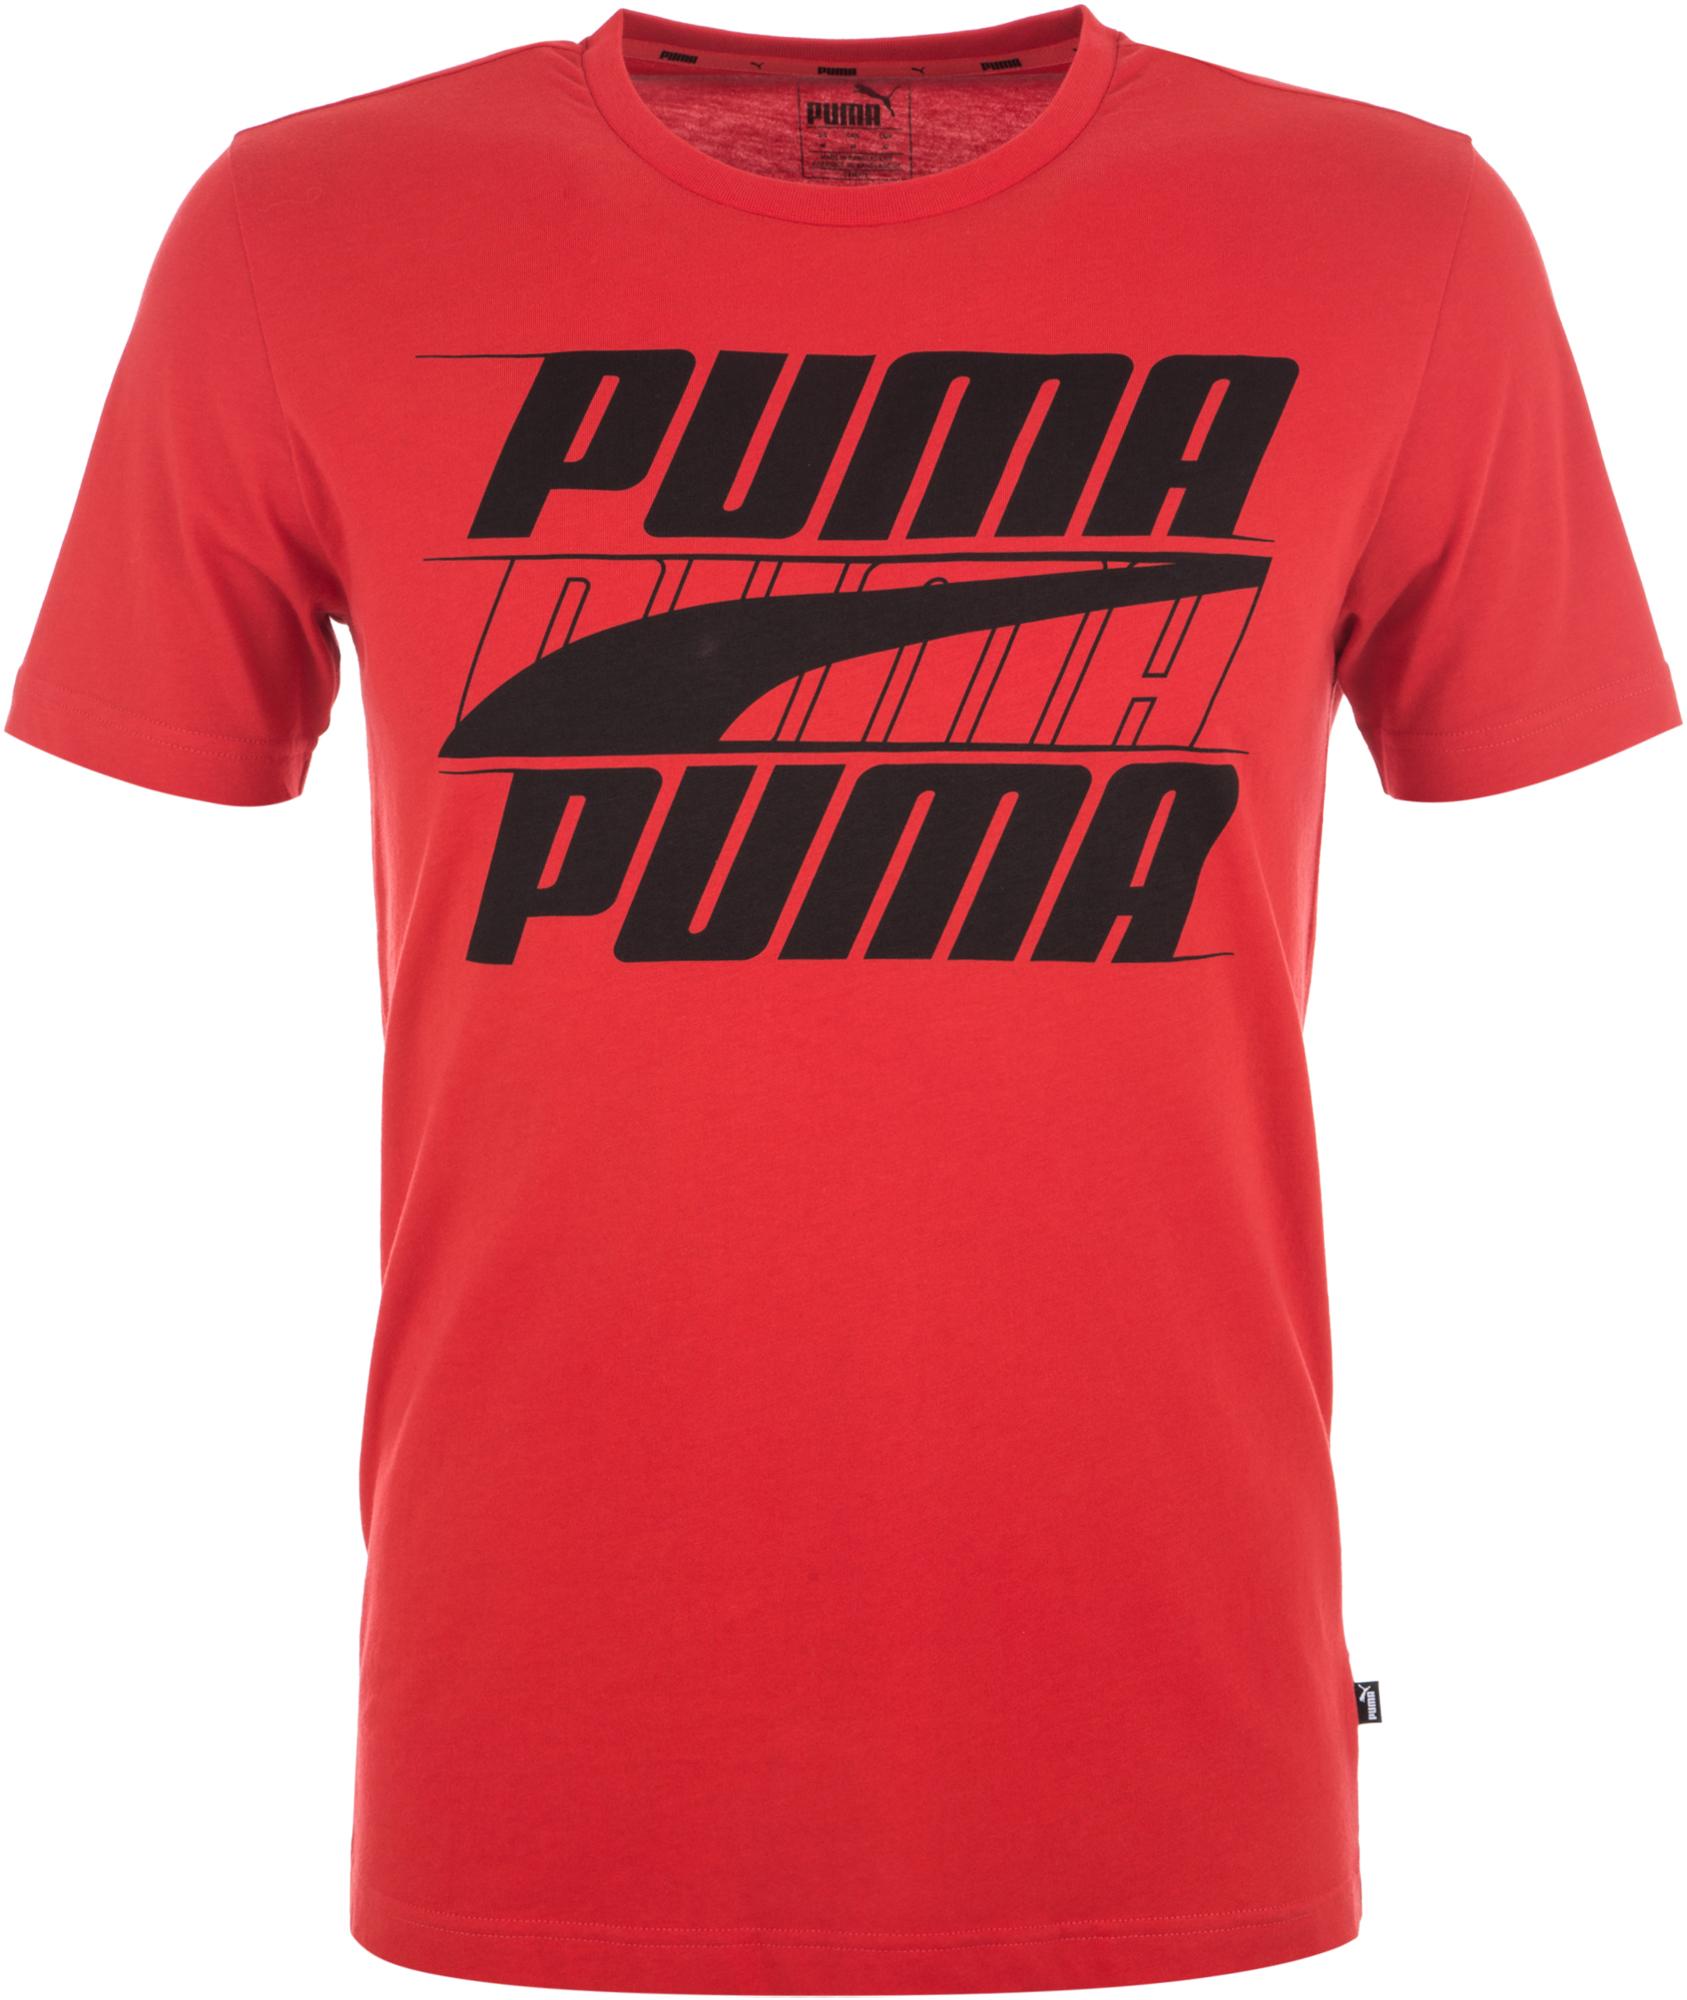 Puma Футболка мужская Puma Rebel, размер 50-52